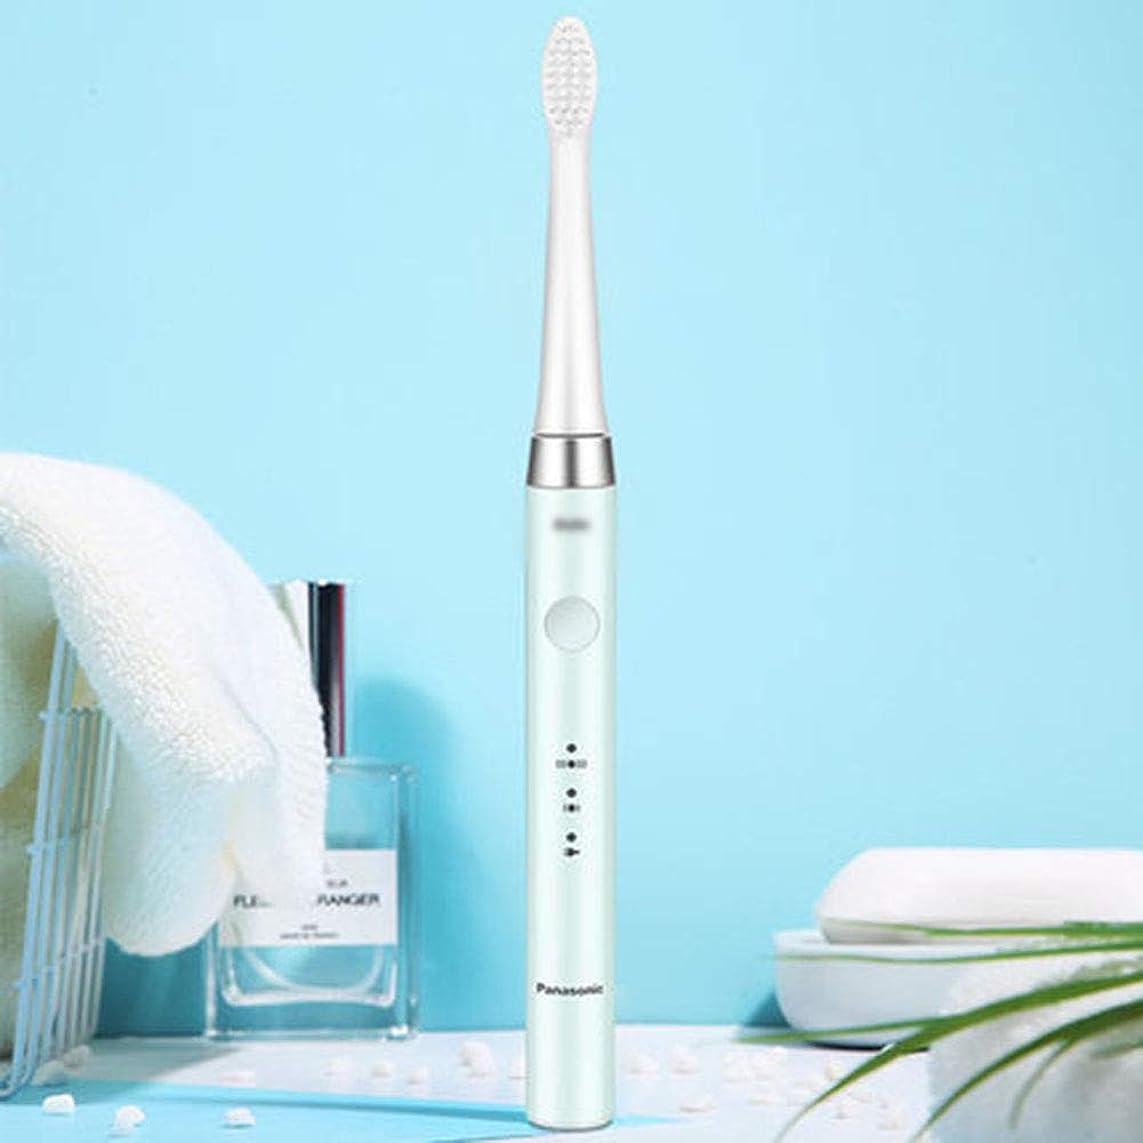 汚染された取る丈夫敏感な歯のクリーニングと歯茎のマッサージのための2分タイマー、2つのブラッシングモードを備えた充電式電動歯ブラシ,B